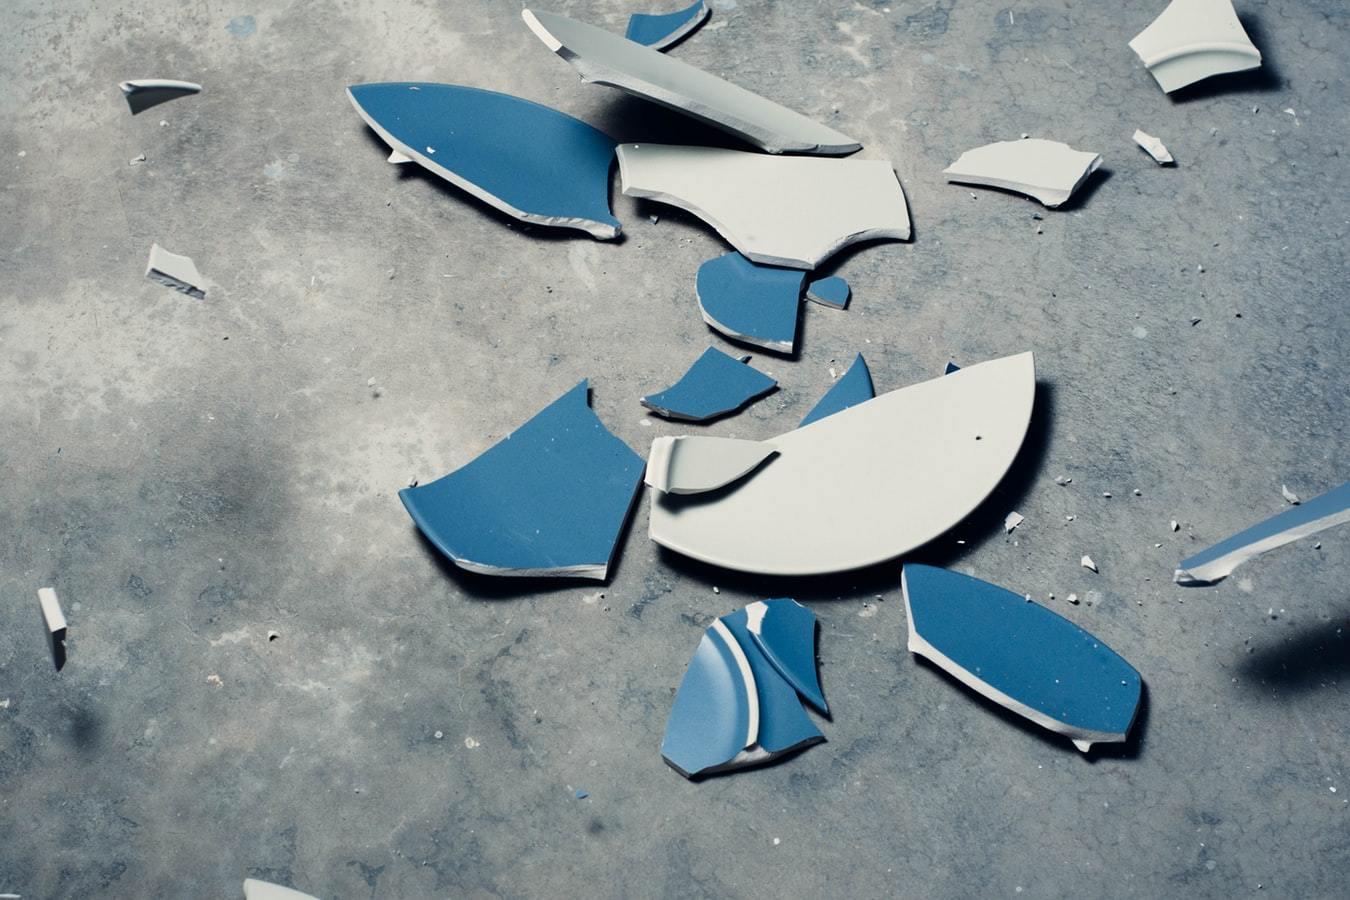 Классические ошибки мужчин в отношениях. 5 ошибок, которые уничтожили не один миллион счастливых пар. Хватит их допускать! фото Психо/логика